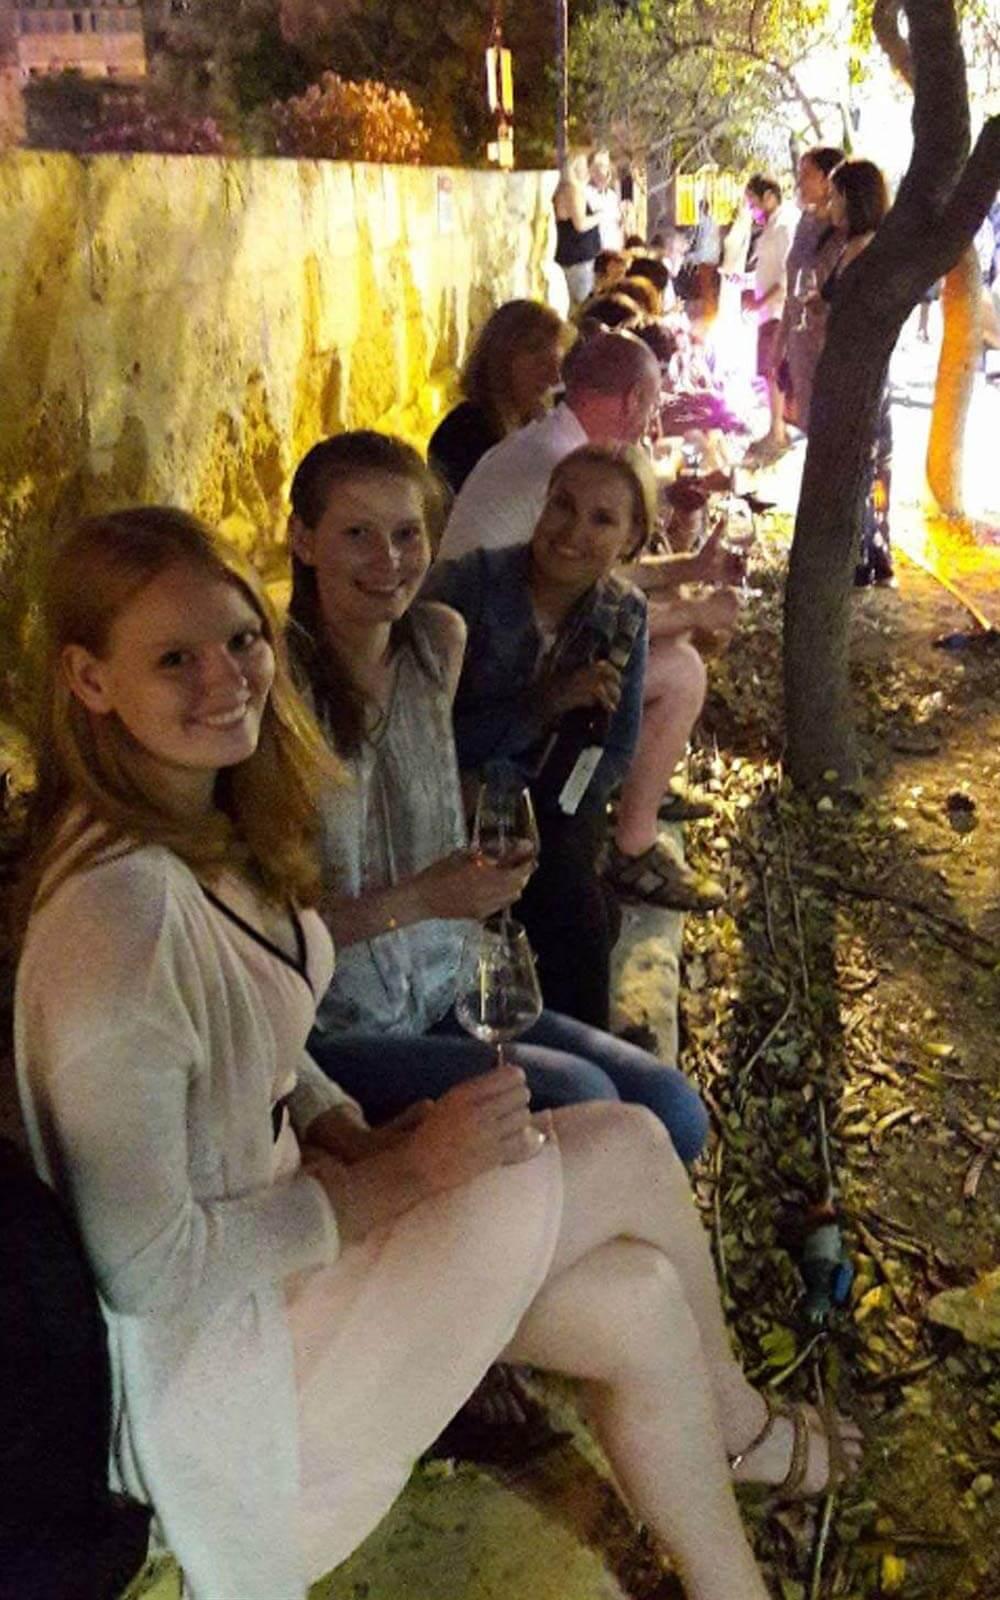 Jule und ihre Mitbewohner auf Weinfest in Valetta